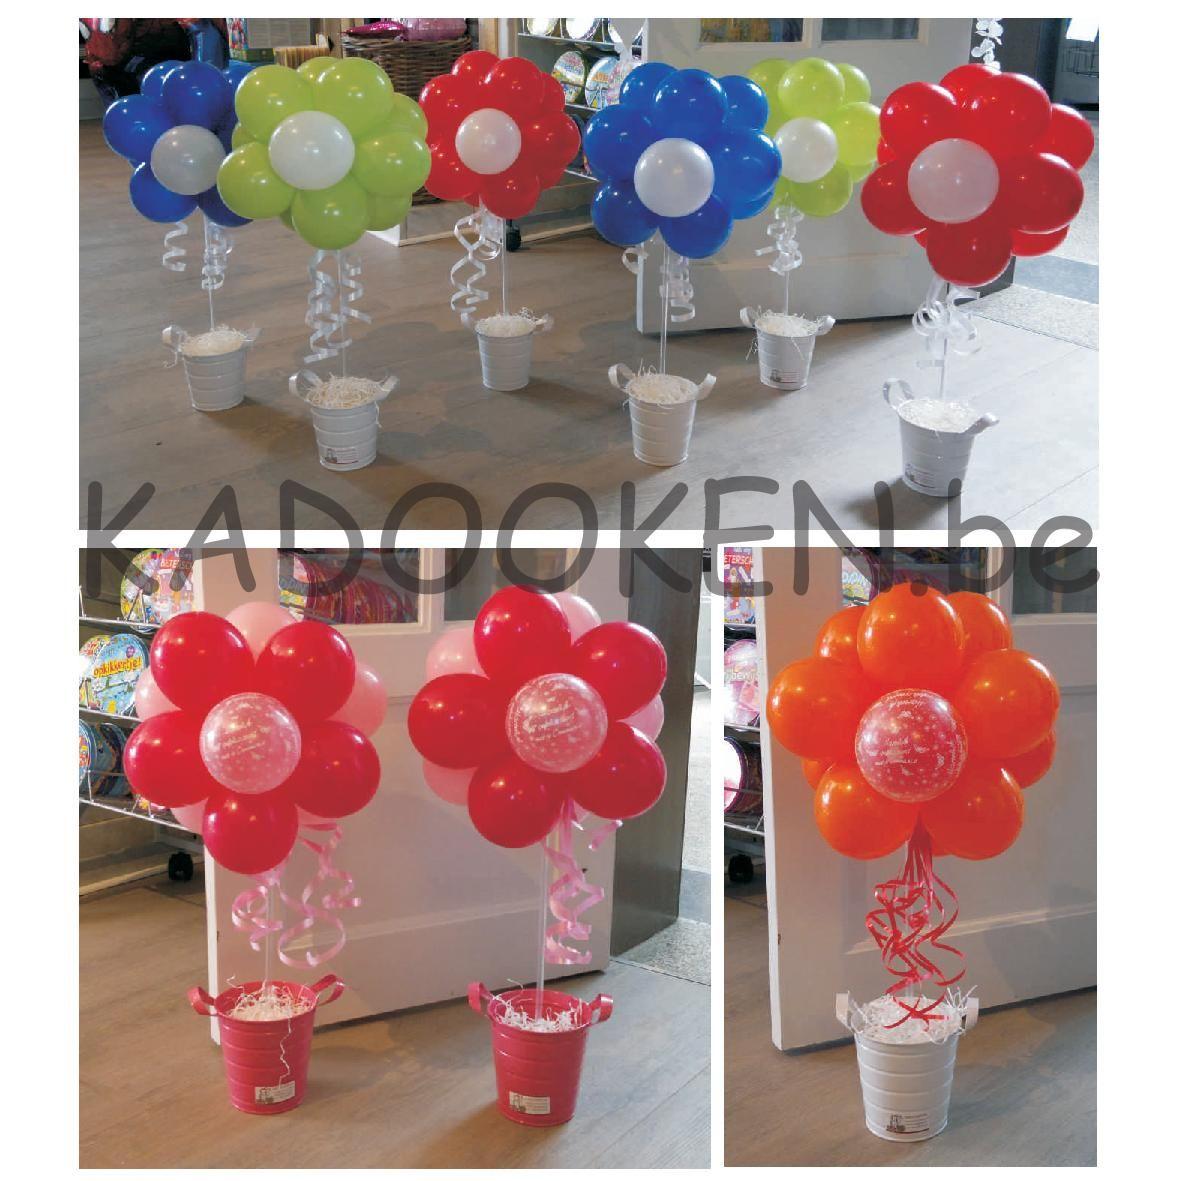 ballon decoratie zelf maken